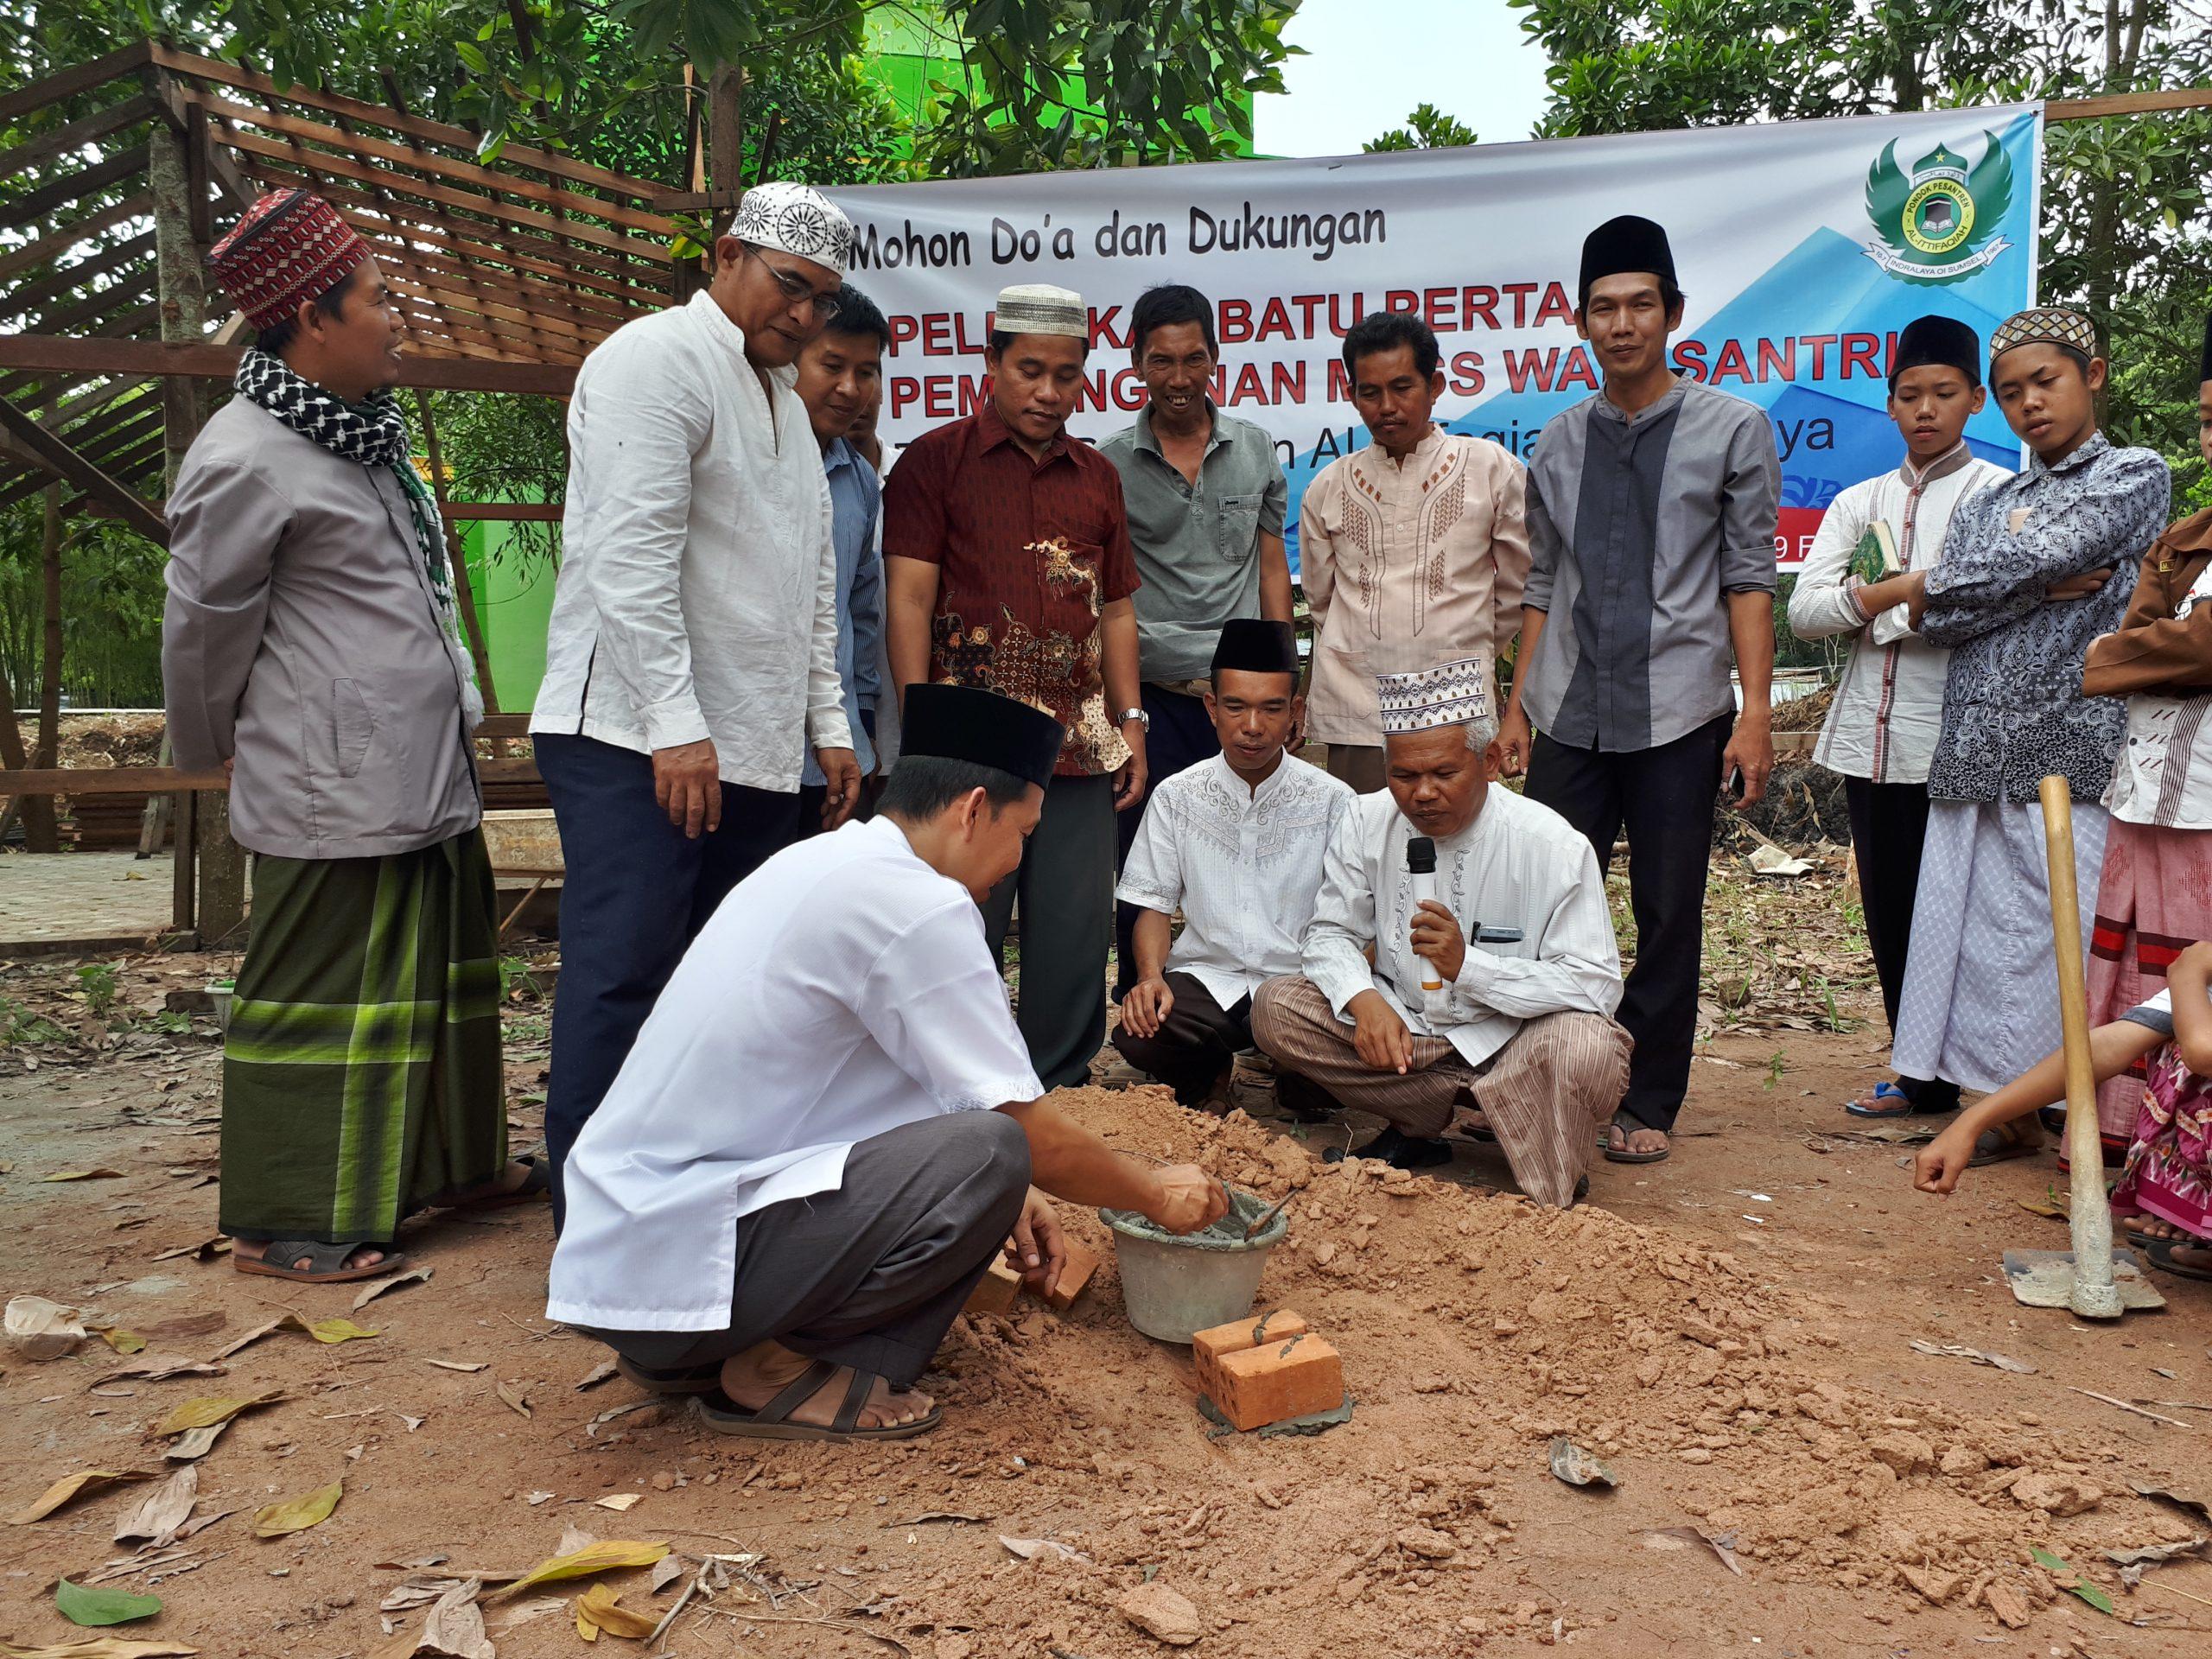 Peletakan Batu Pertama Pembangunan Mess Wali Santri